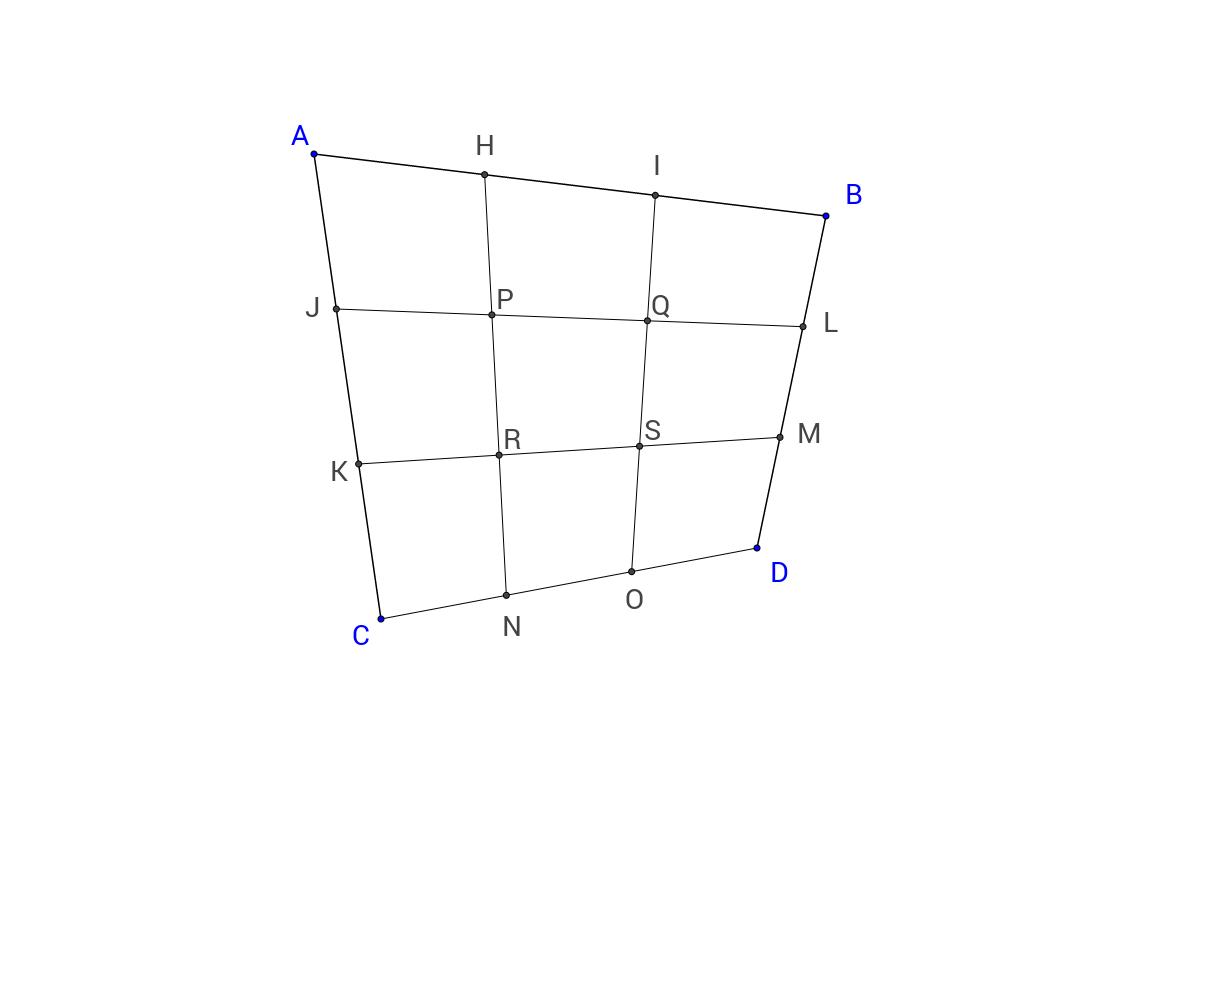 사각형의 3등분점들을 연결한 도형